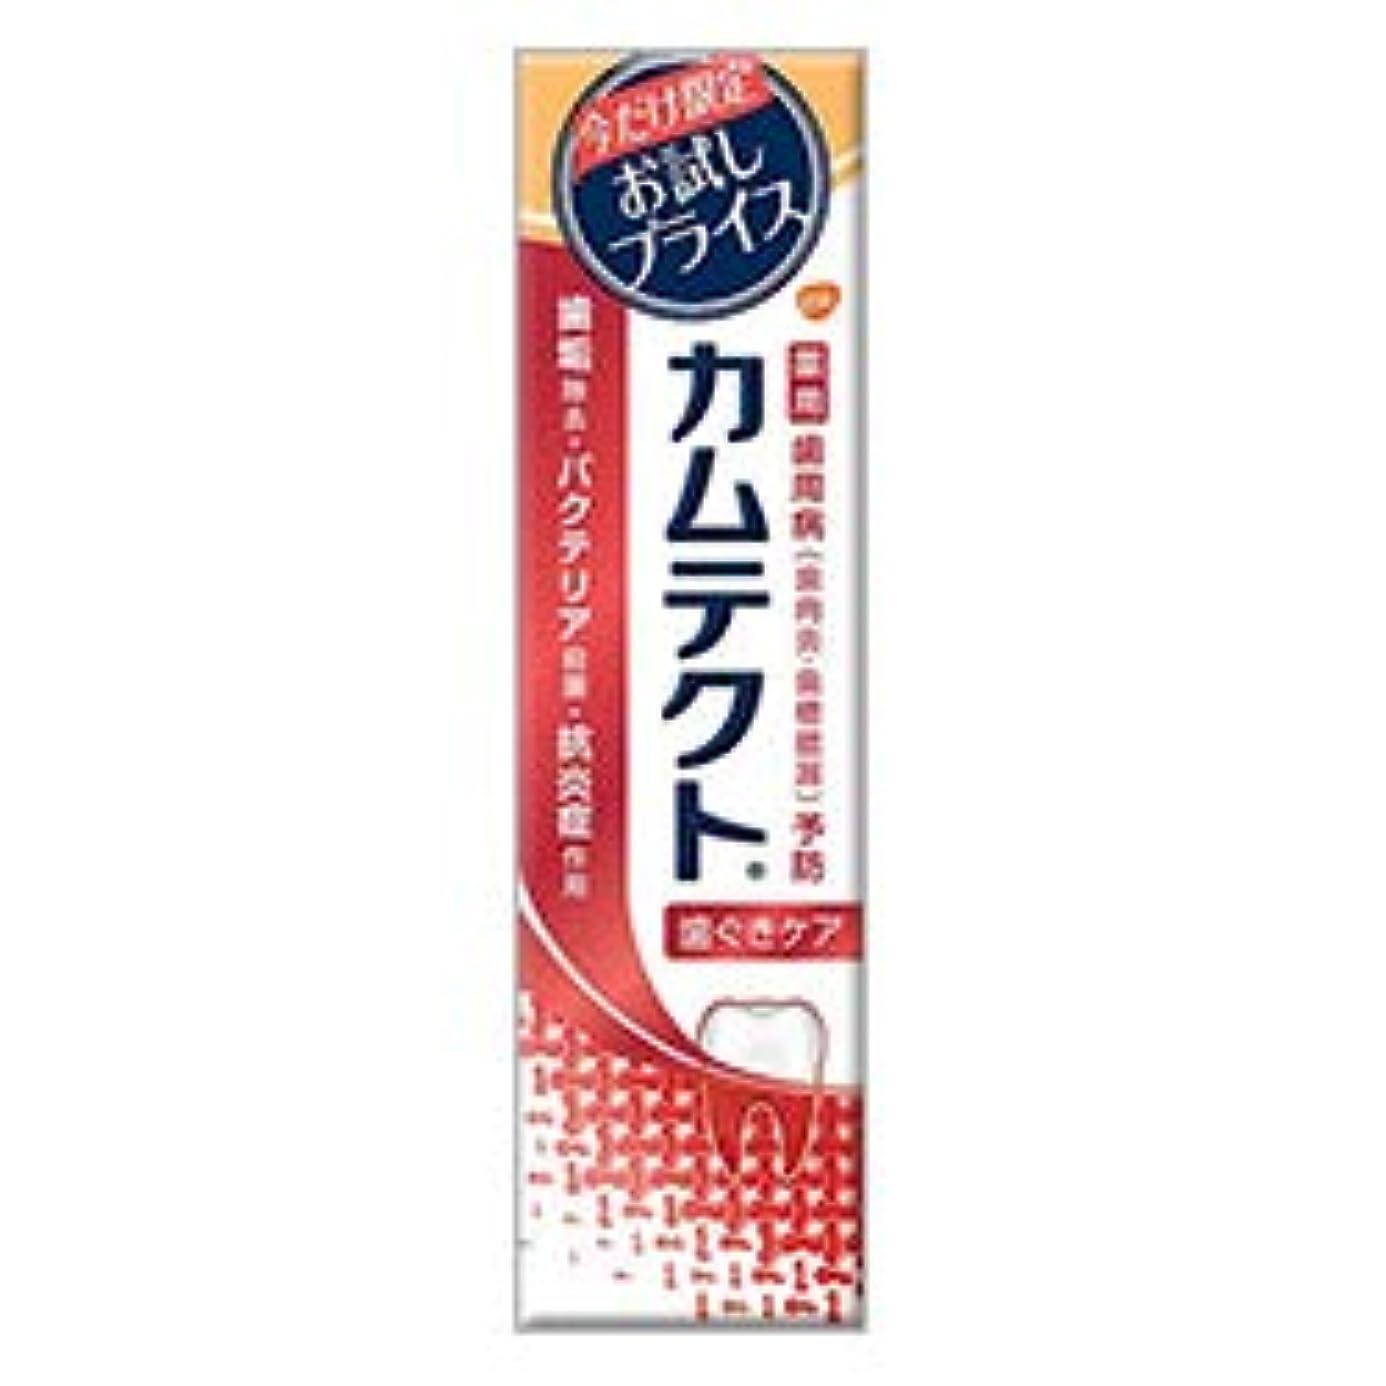 エンターテインメント気質スパン【アース製薬】カムテクト 歯ぐきケア 限定お試し版 105g [医薬部外品] ×2個セット